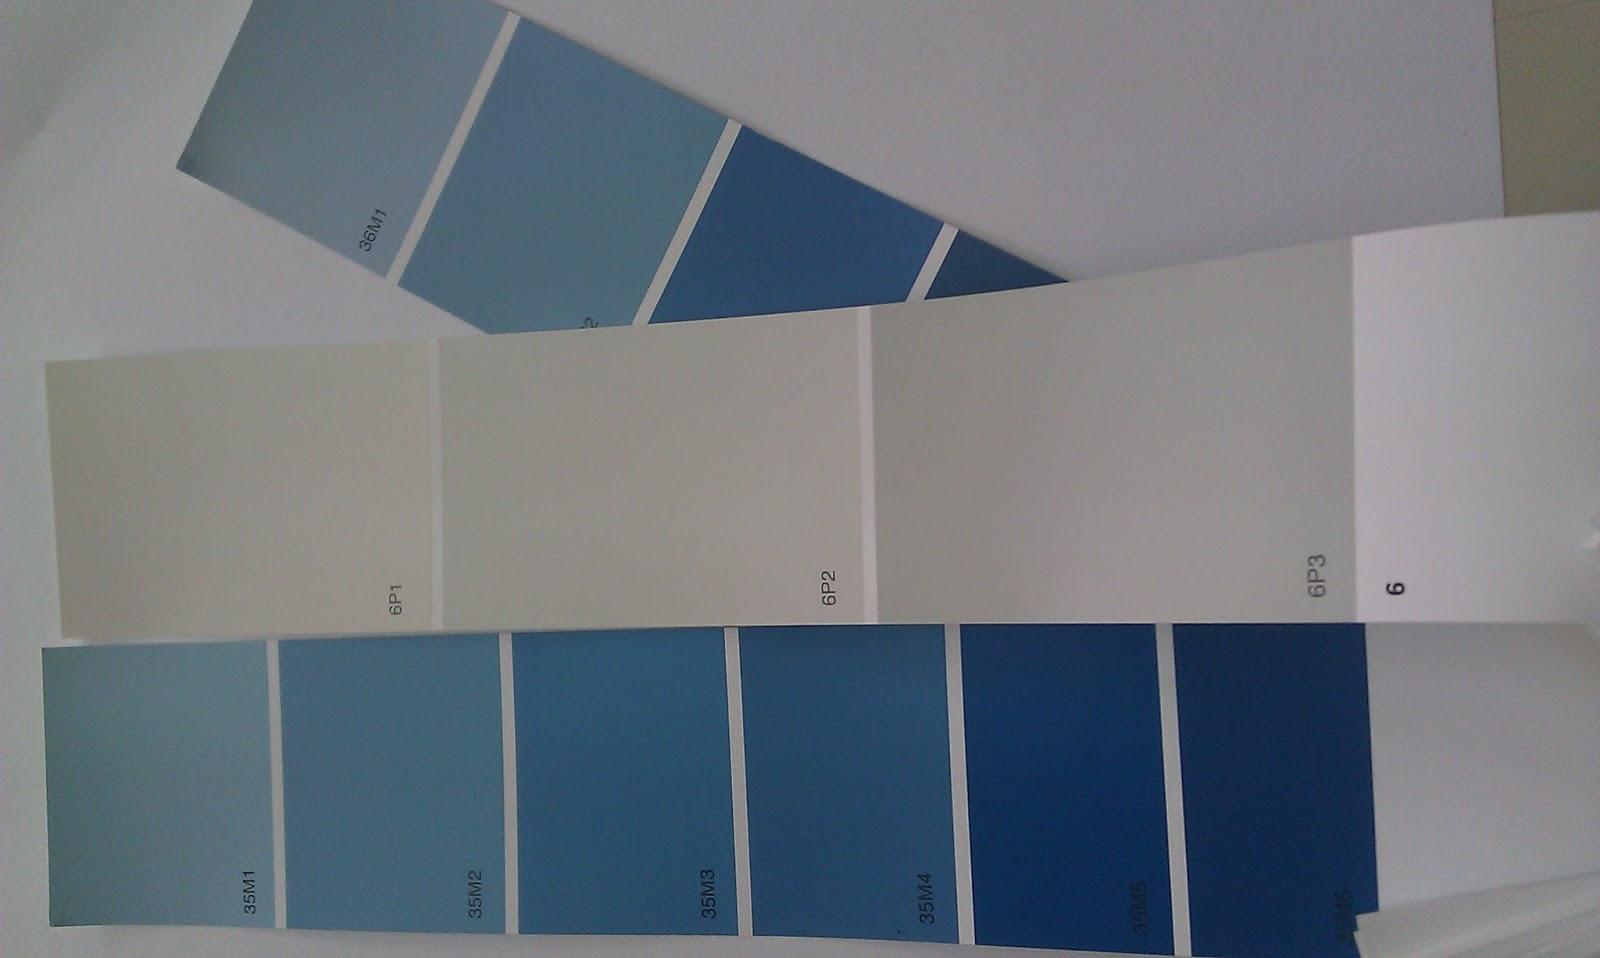 Adryna88 punto e a capo colore e colori for Color azul grisaceo para paredes